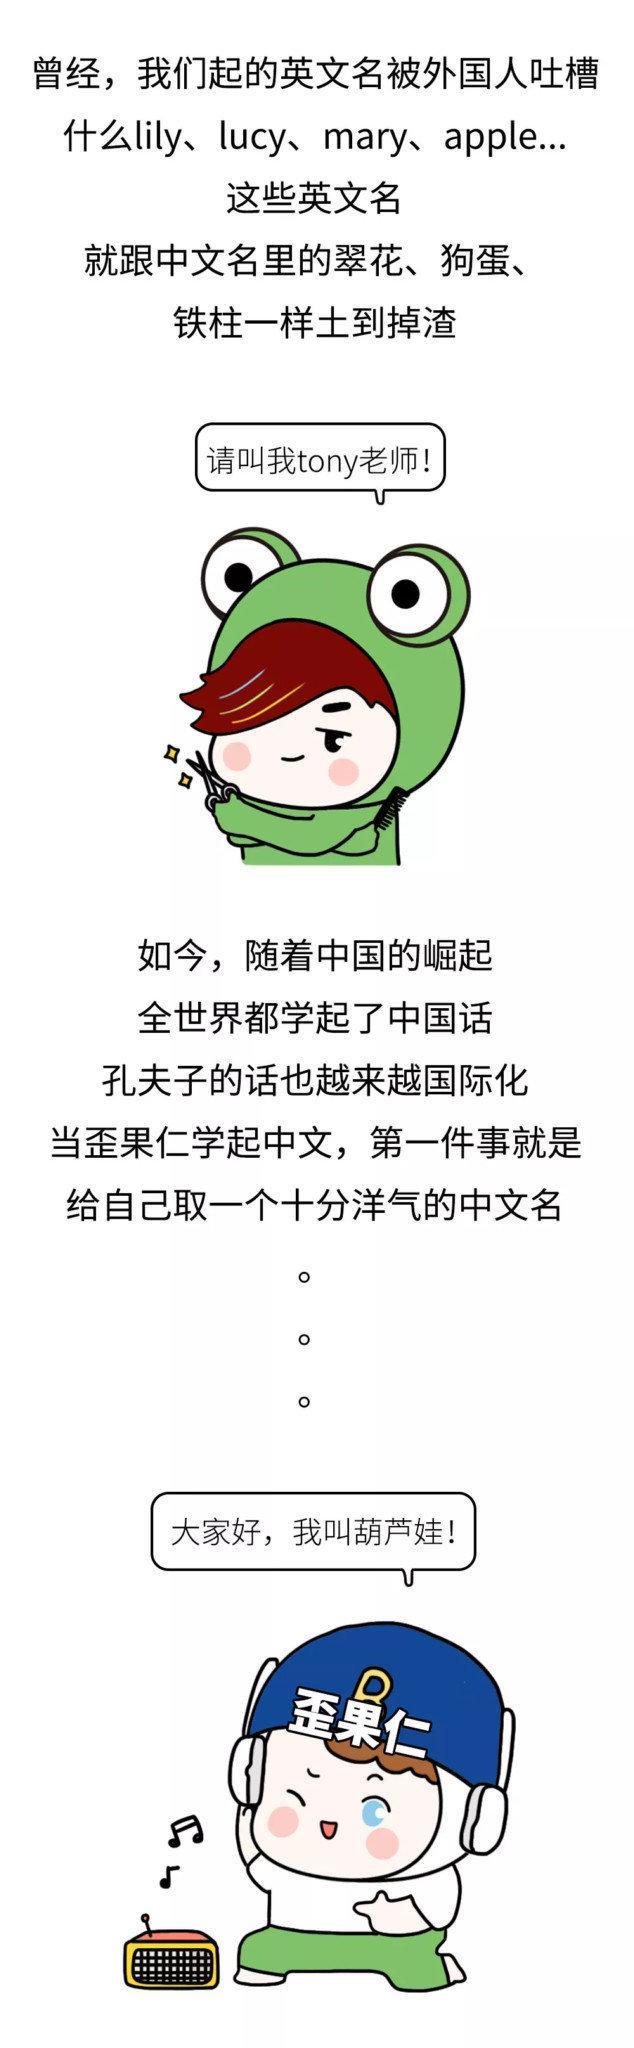 史上最奇葩中文名曝光! 忍不住笑出了猪声! 哈哈哈哈哈